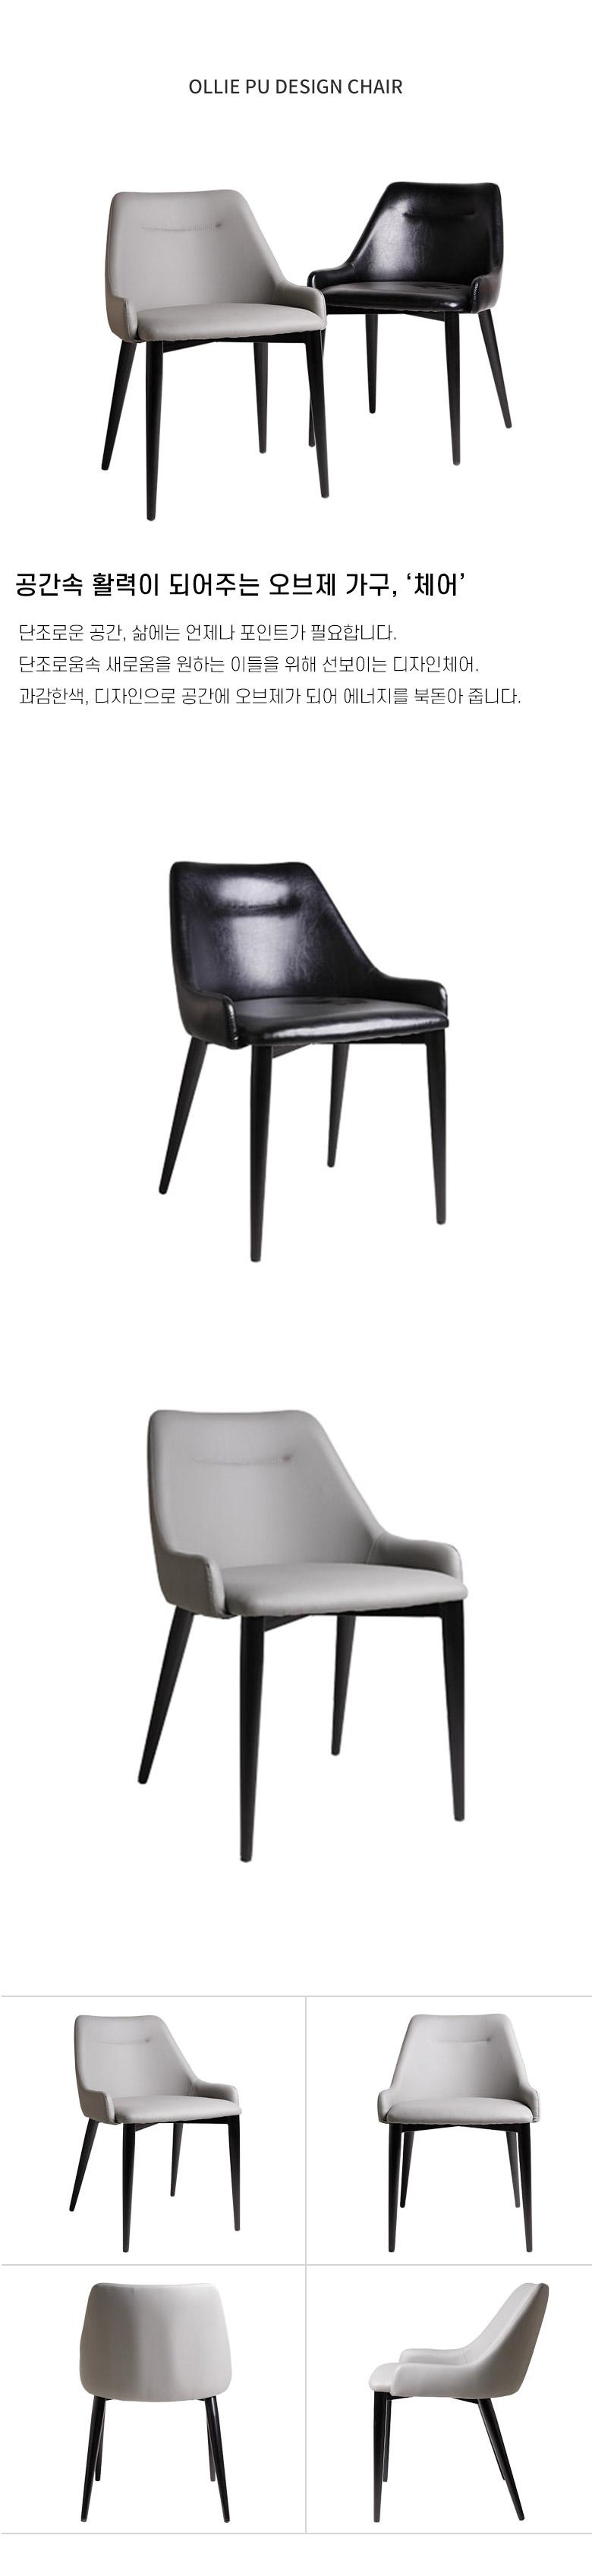 로이퍼니처랩 올리 PU 디자인 체어 - 로이퍼니처랩, 111,250원, 디자인 의자, 인테리어의자